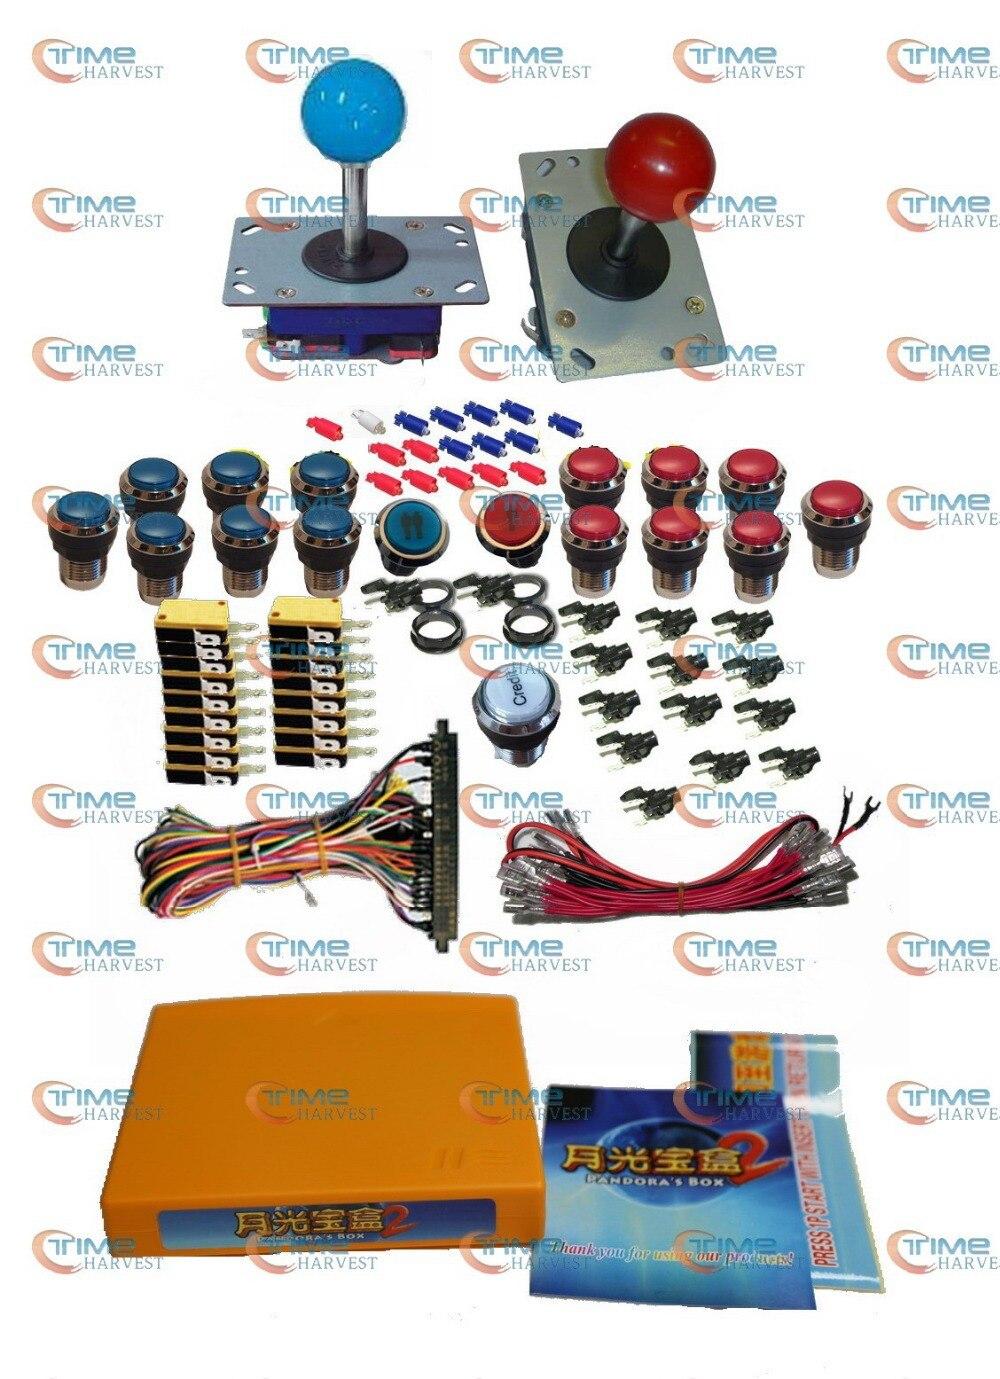 Kit de faisceaux de pièces d'arcade avec 1300 en 1 multi-plateau de jeu Joystick à Long arbre bouton lumineux en argent Microswitch Jamma harnais